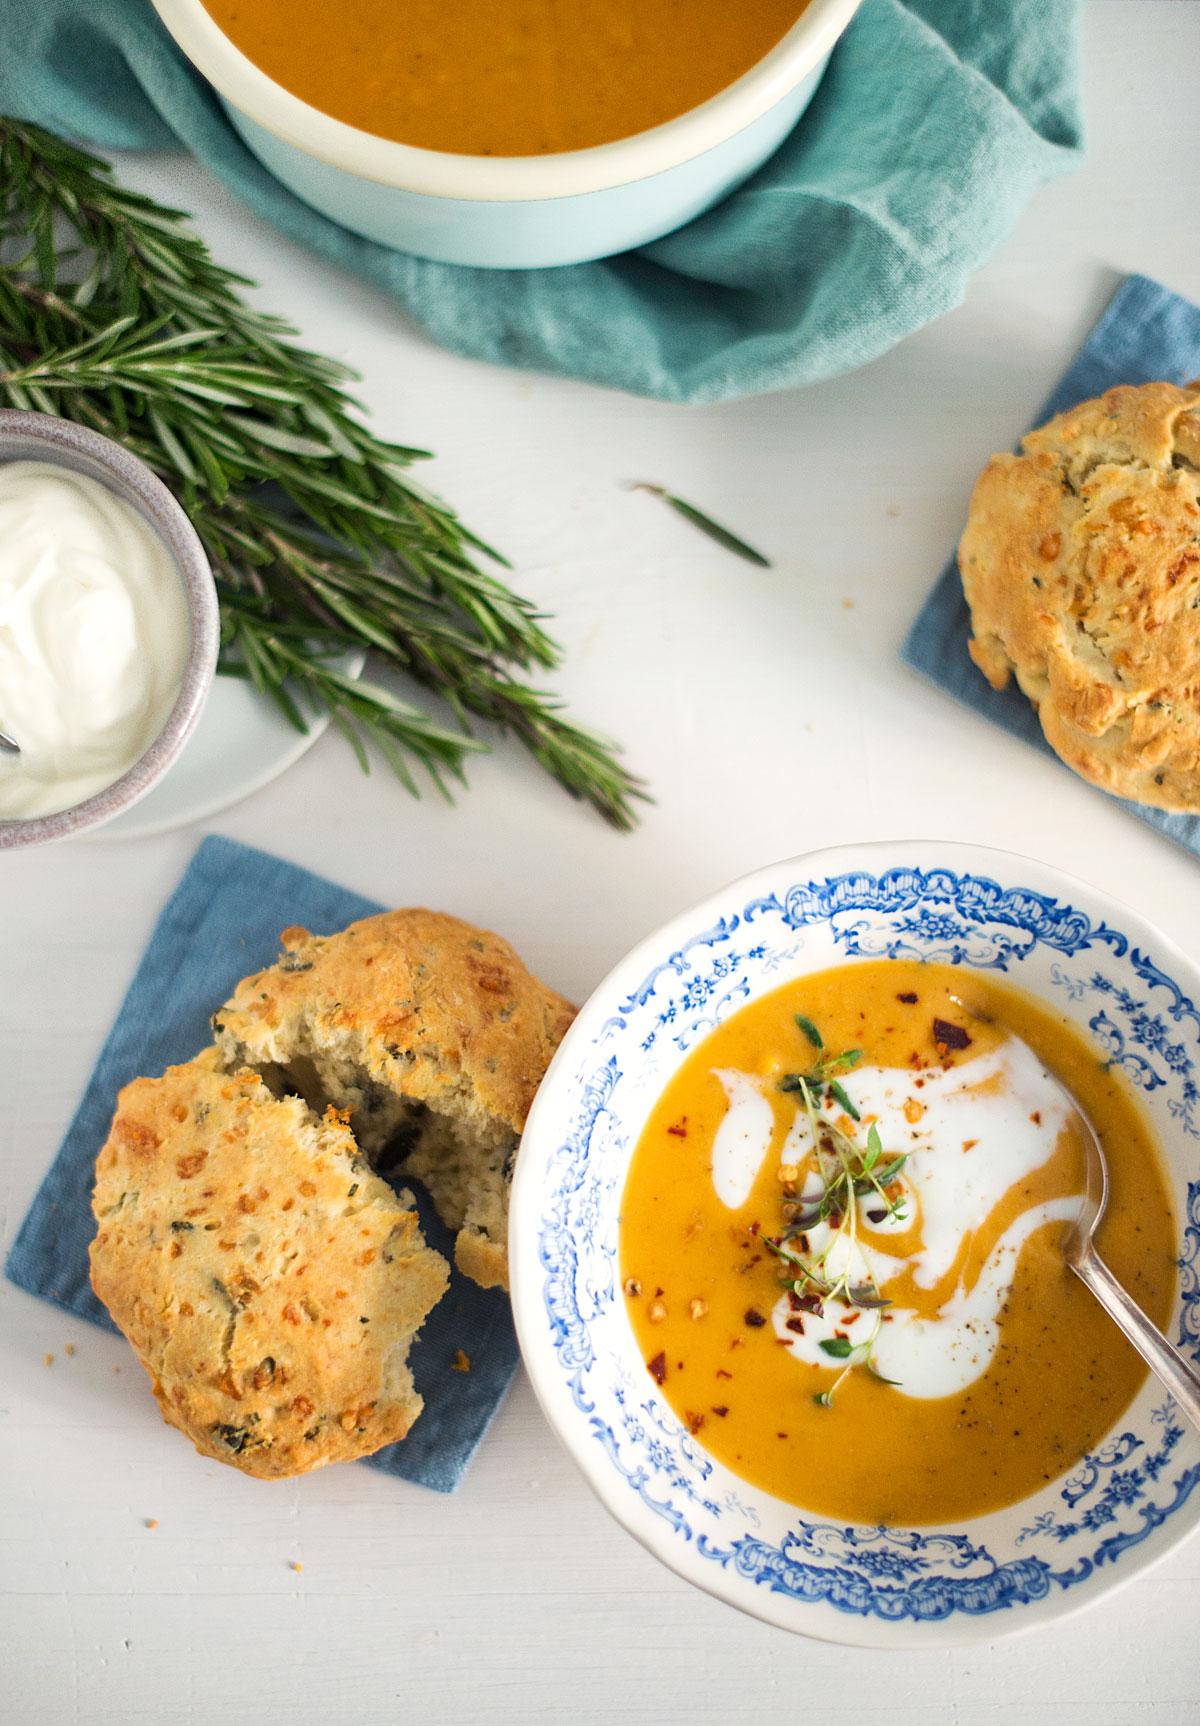 Opskrift: Scones med rosmarin og ost | Frk. Kræsen